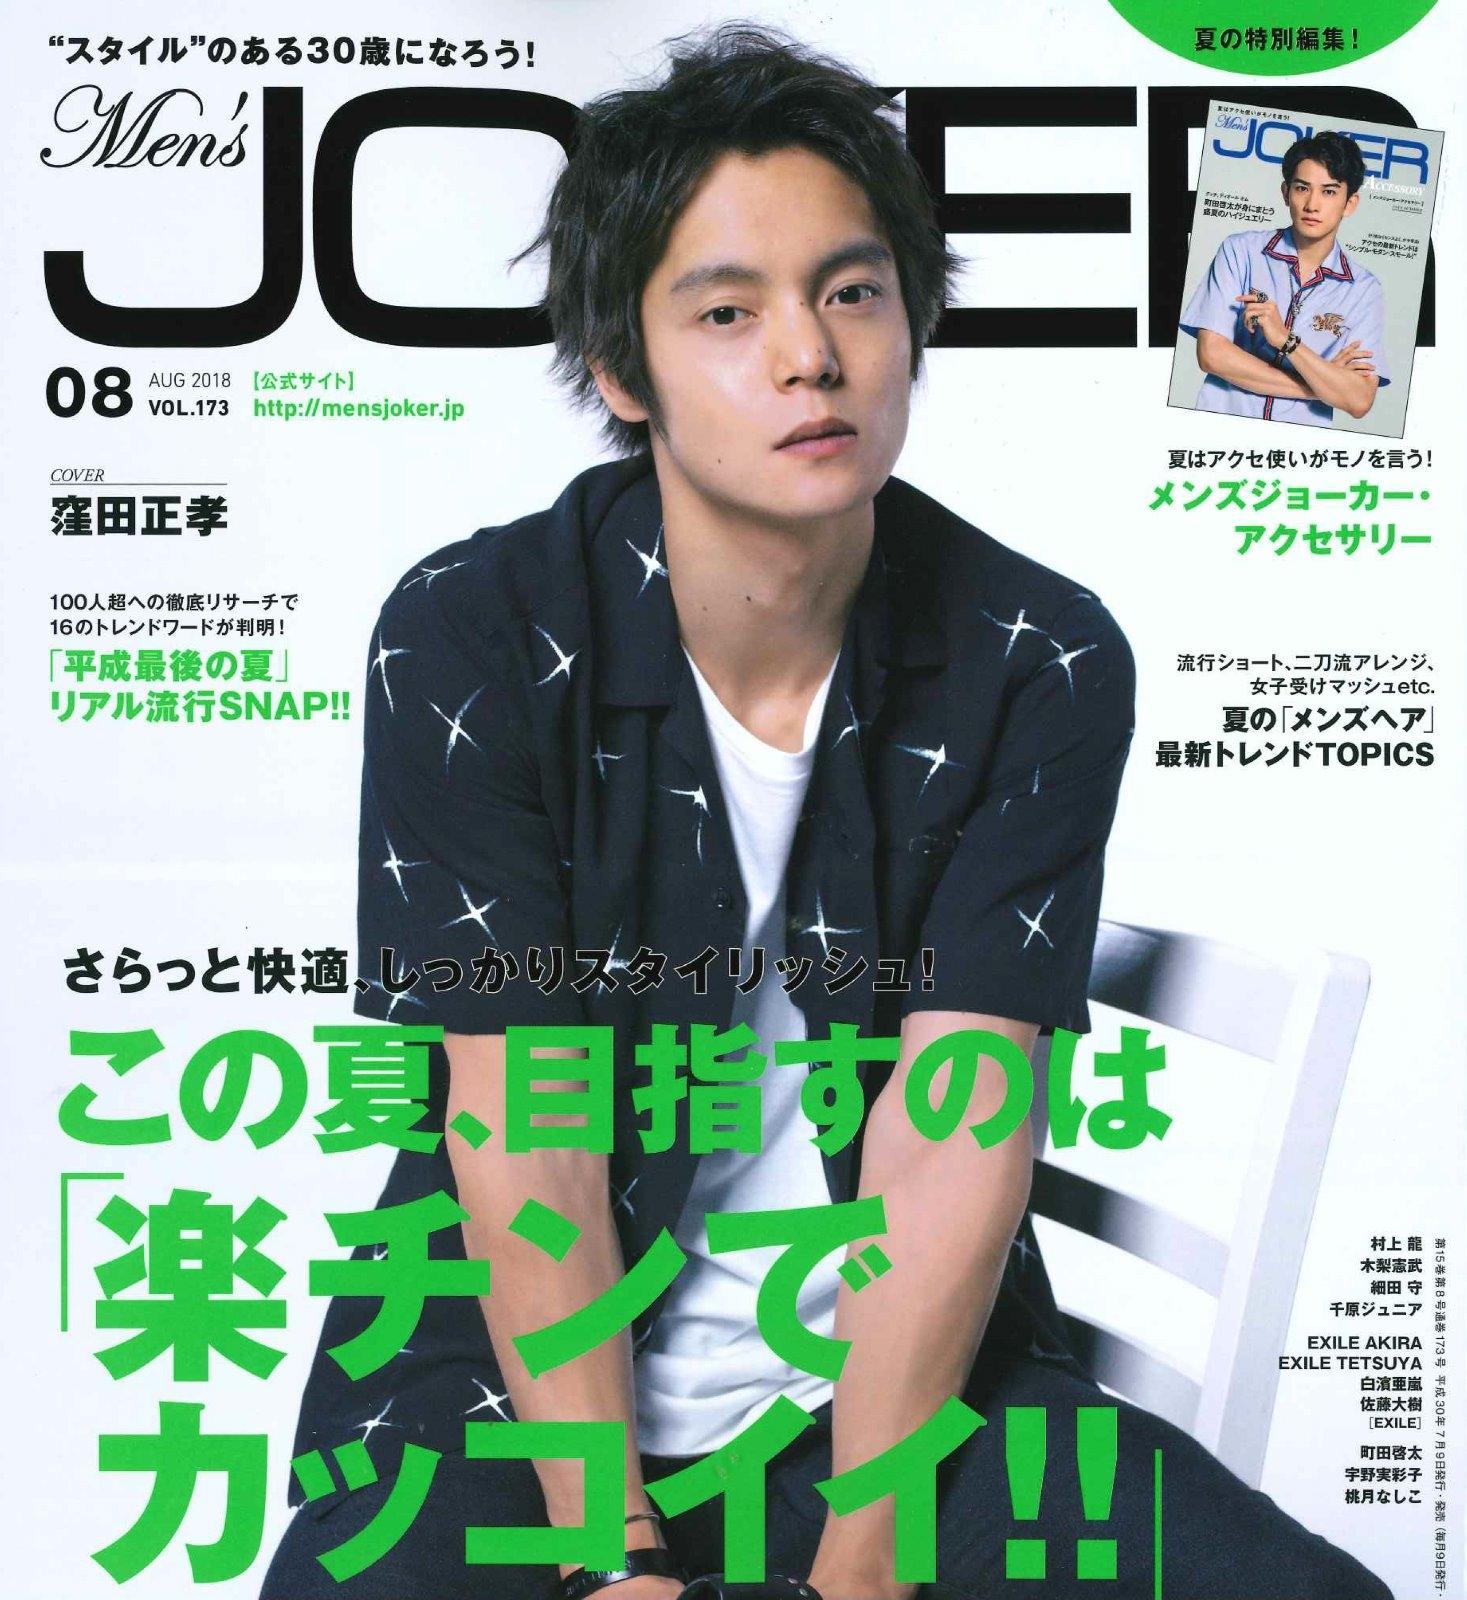 【Men's JOKER】8月号掲載情報